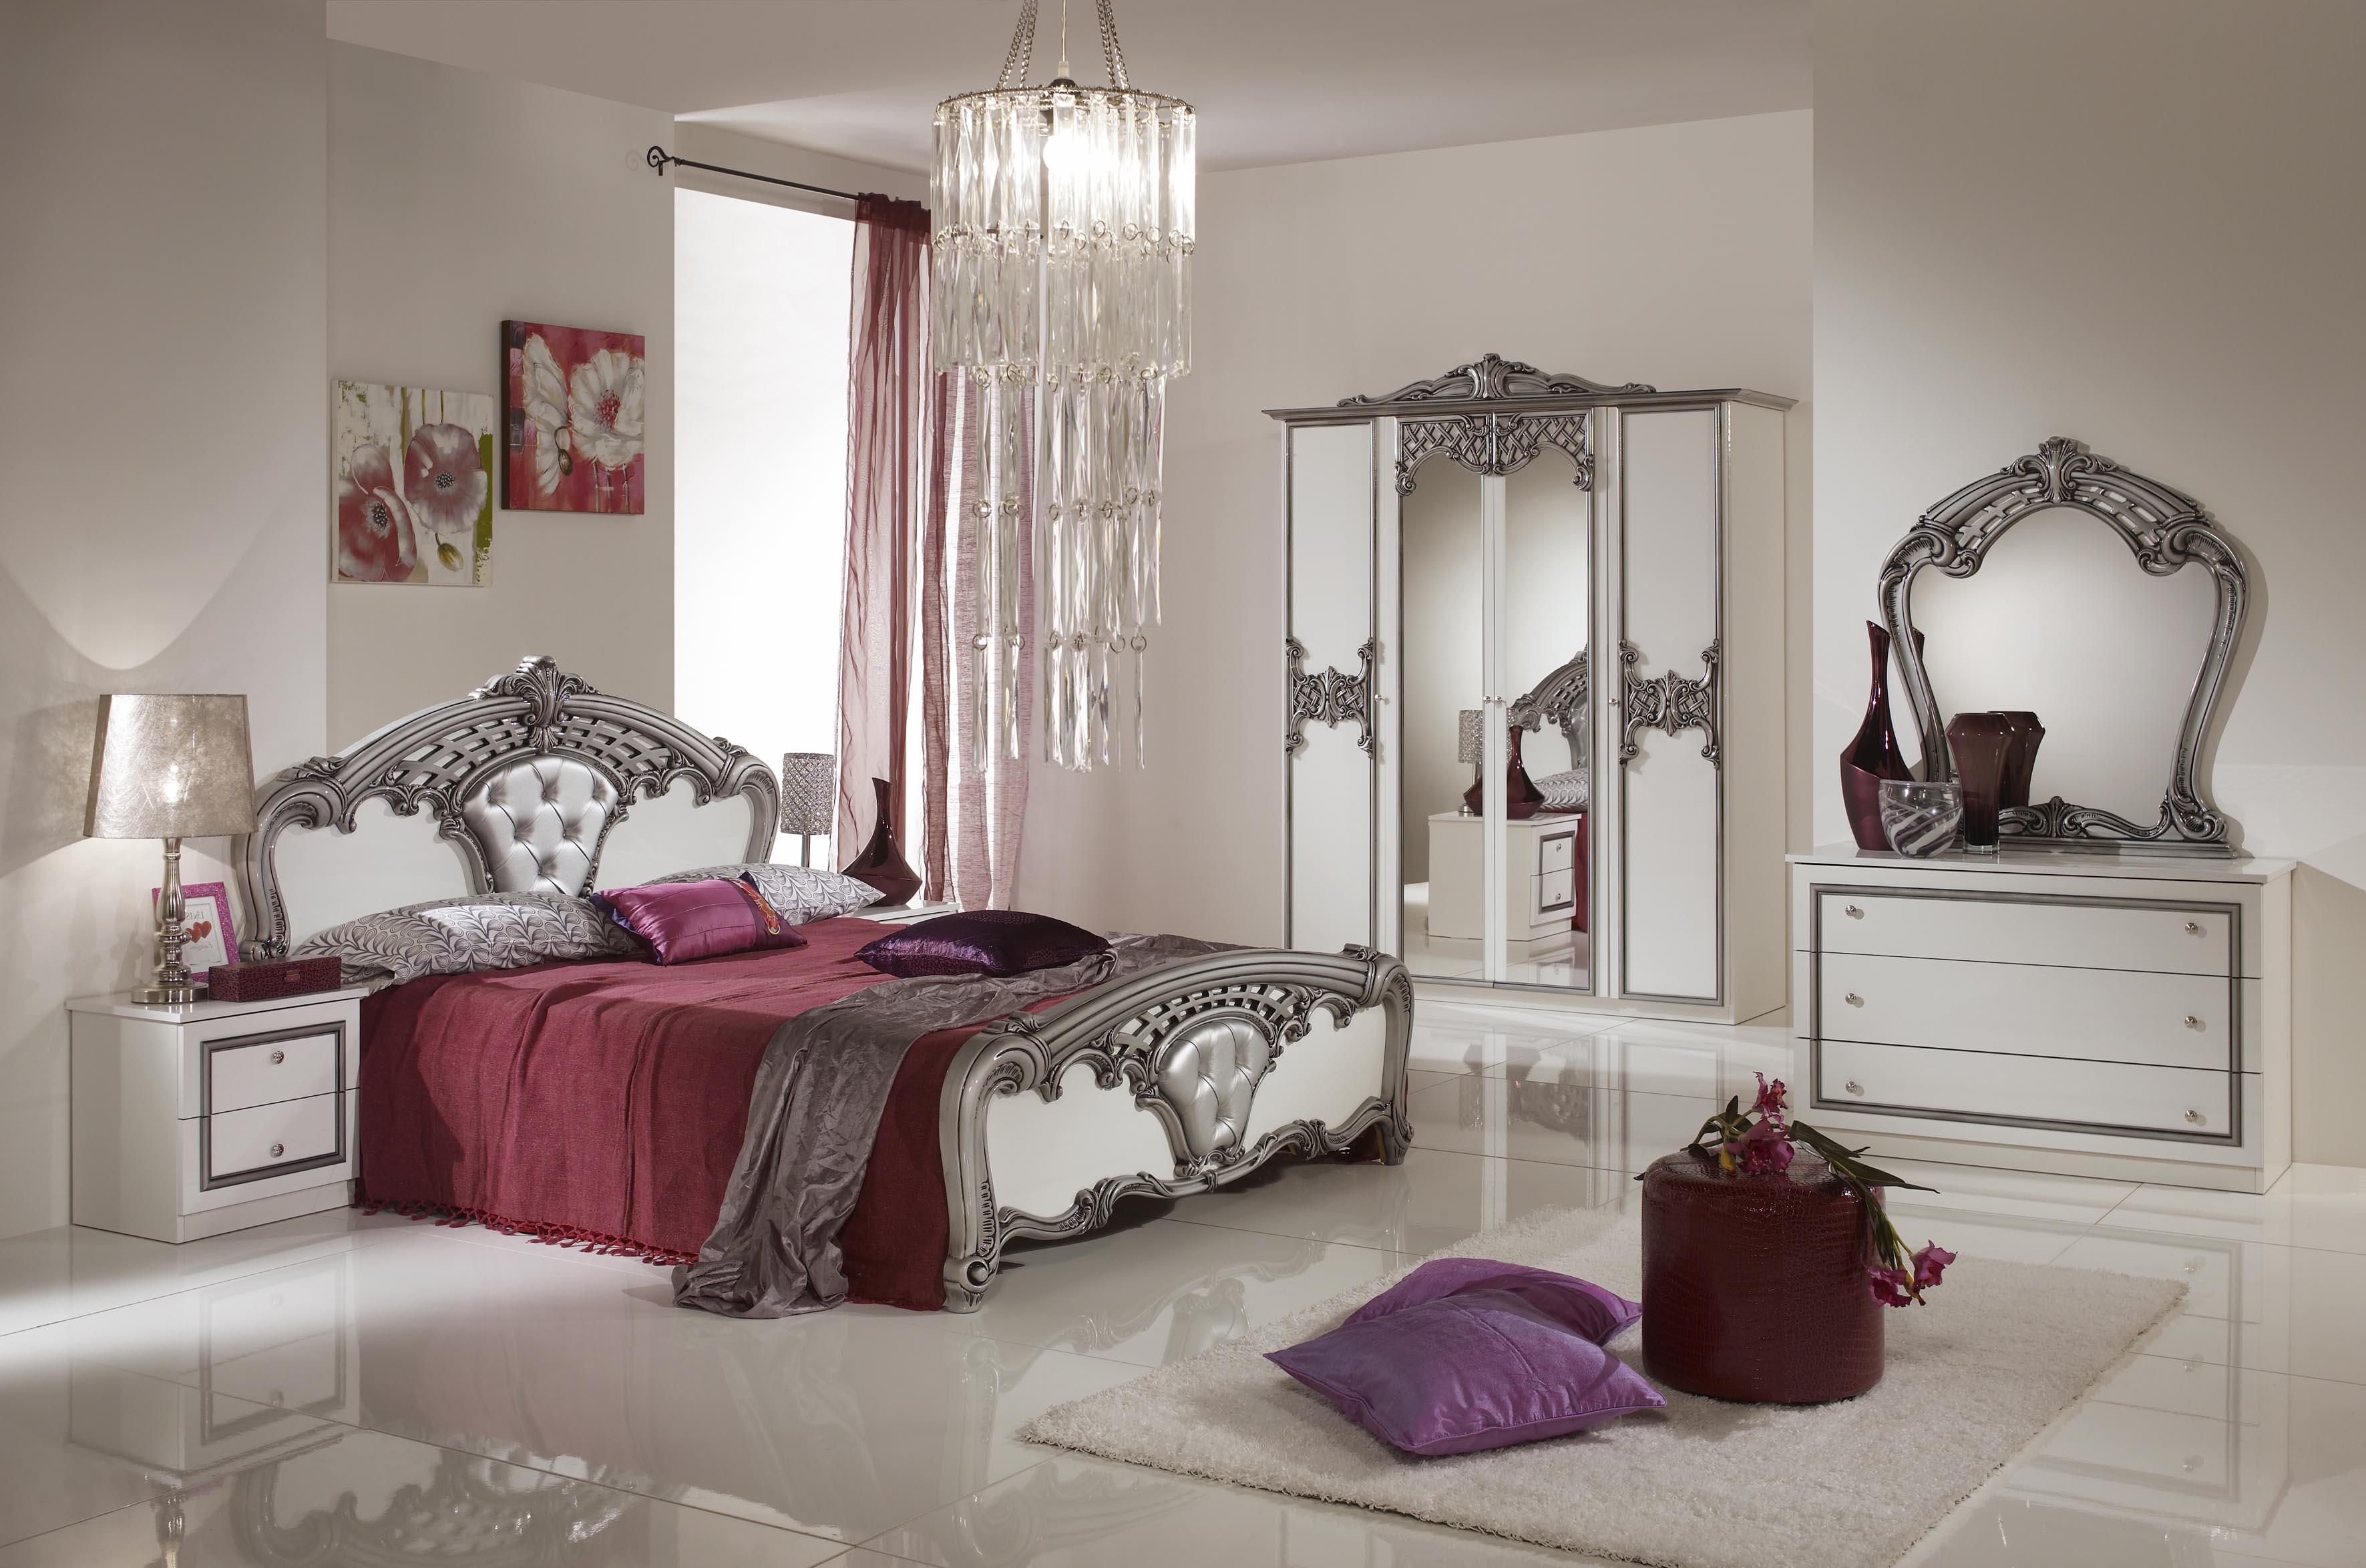 Fesselnd Schlafzimmer Elisa Weiss Silber 160 X 200 Cm Klassisch Royal  Sti DH EVA/B/C/S/4A2X16